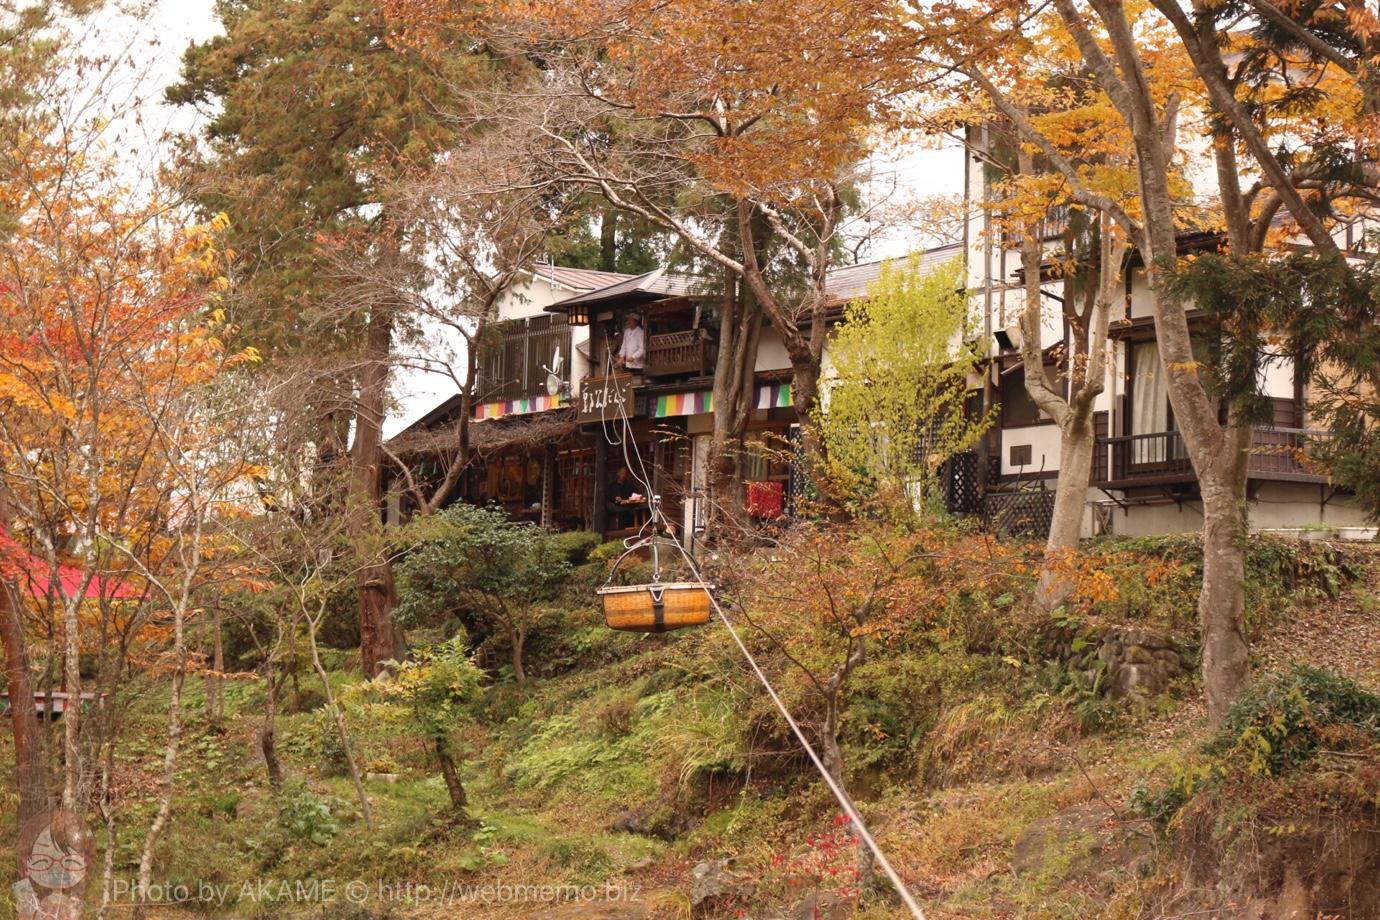 岩手県 厳美渓で空飛ぶ団子を体験!11月中旬は紅葉も見頃